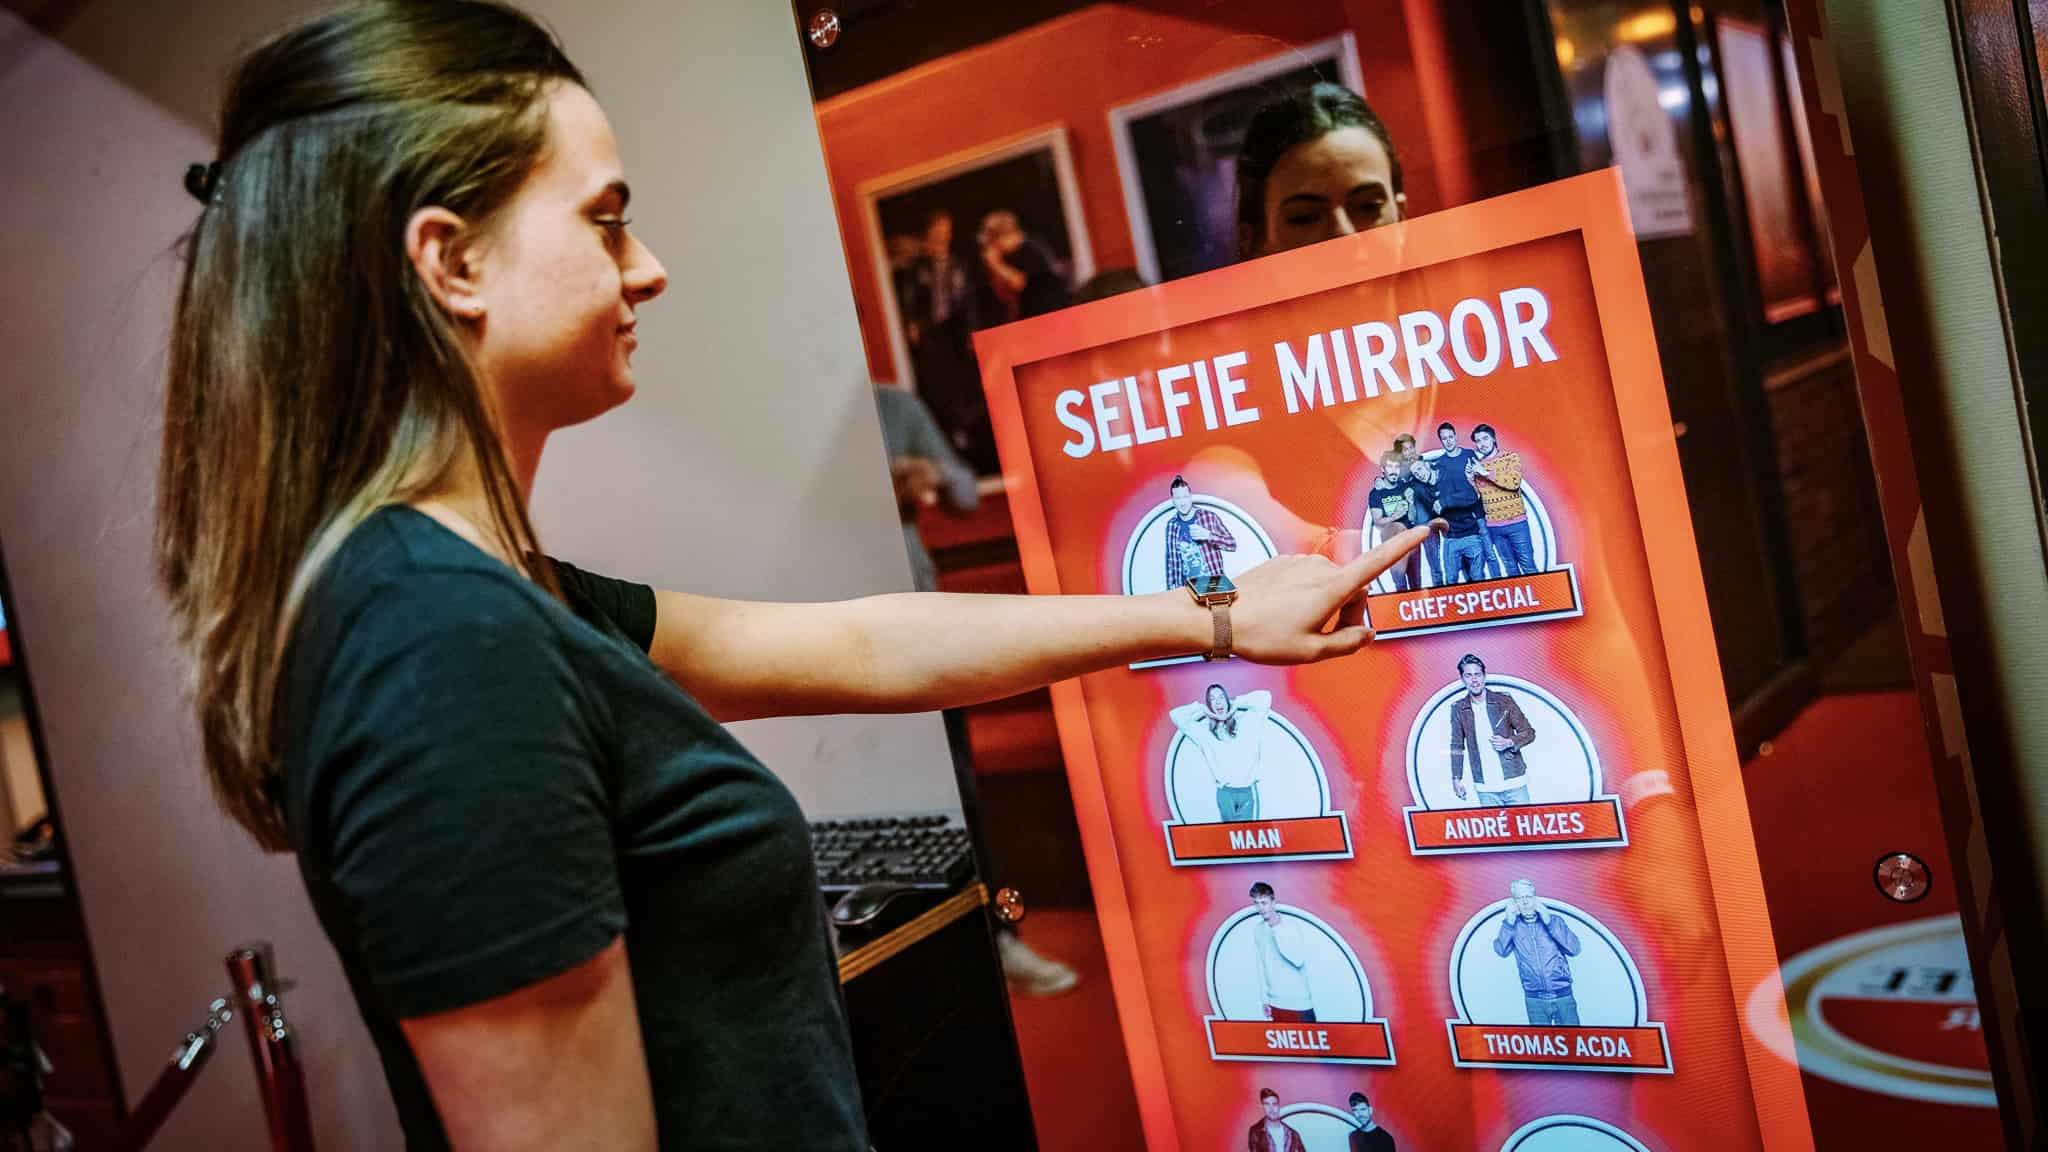 Selfie Mirror - Interactive Concept